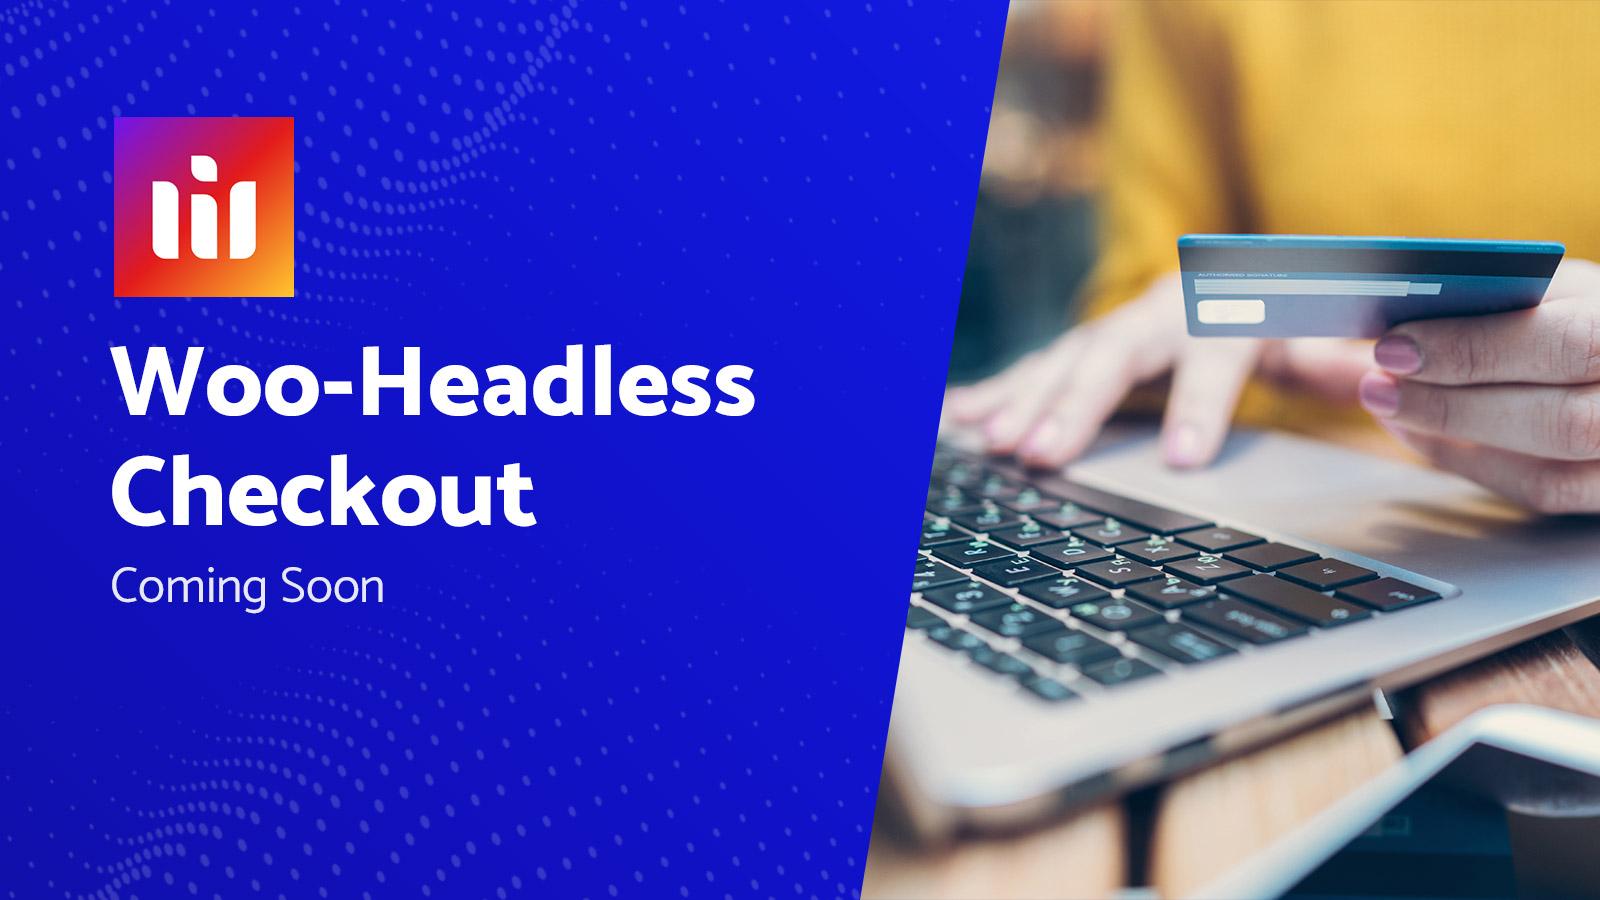 Woo-Headless Checkout